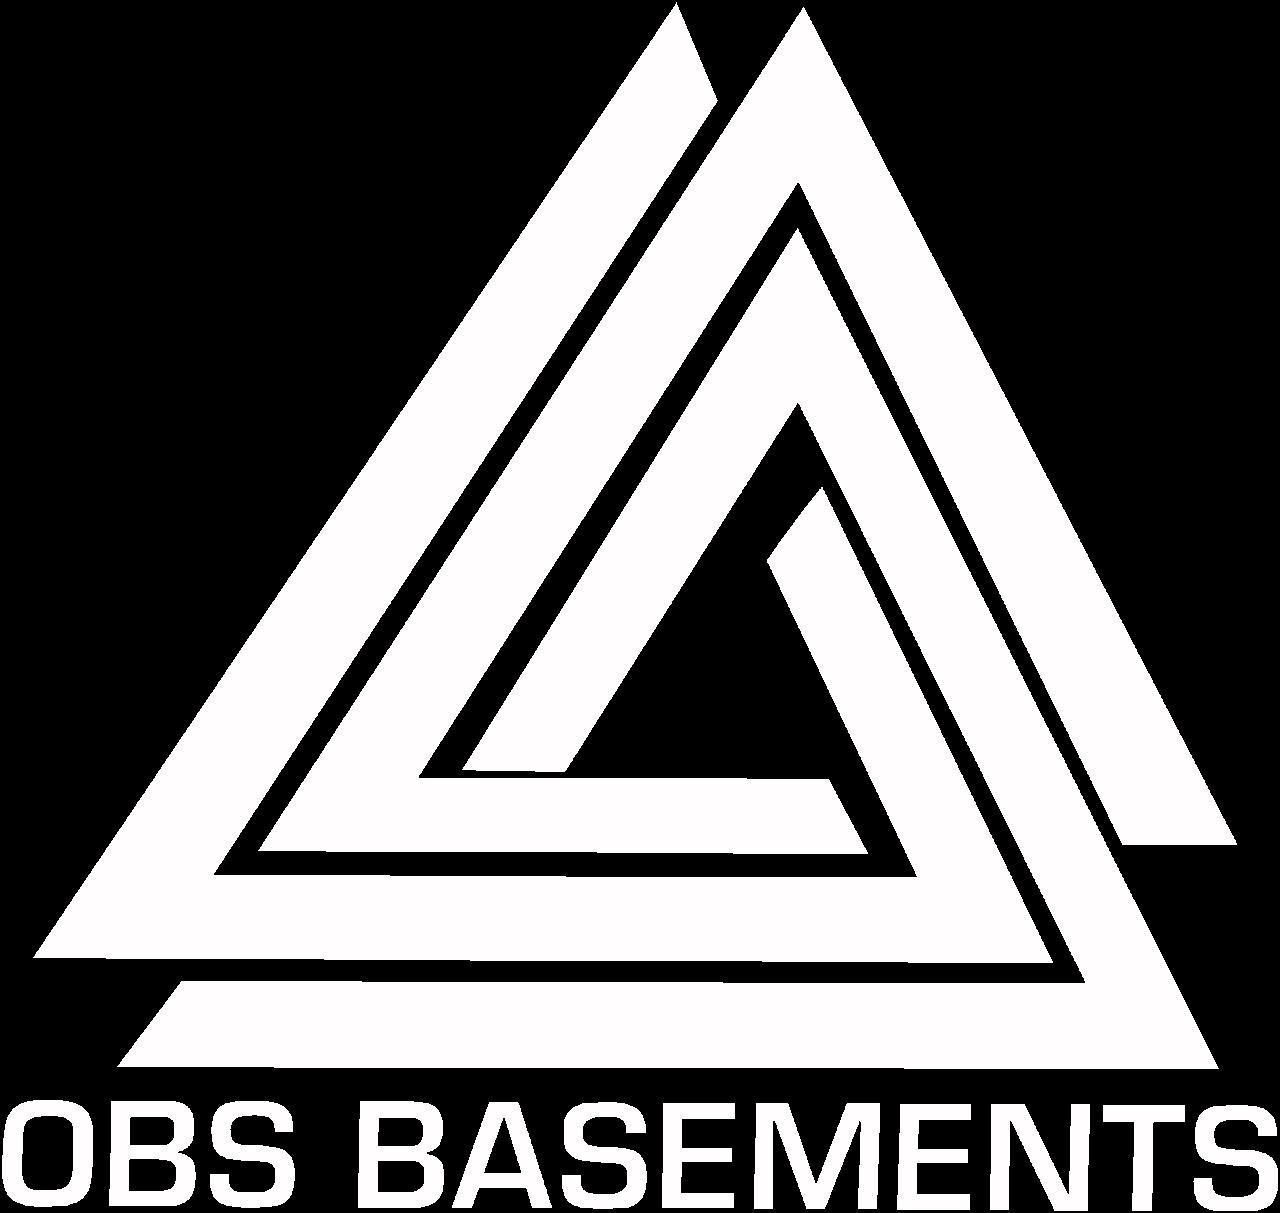 OBS Basements